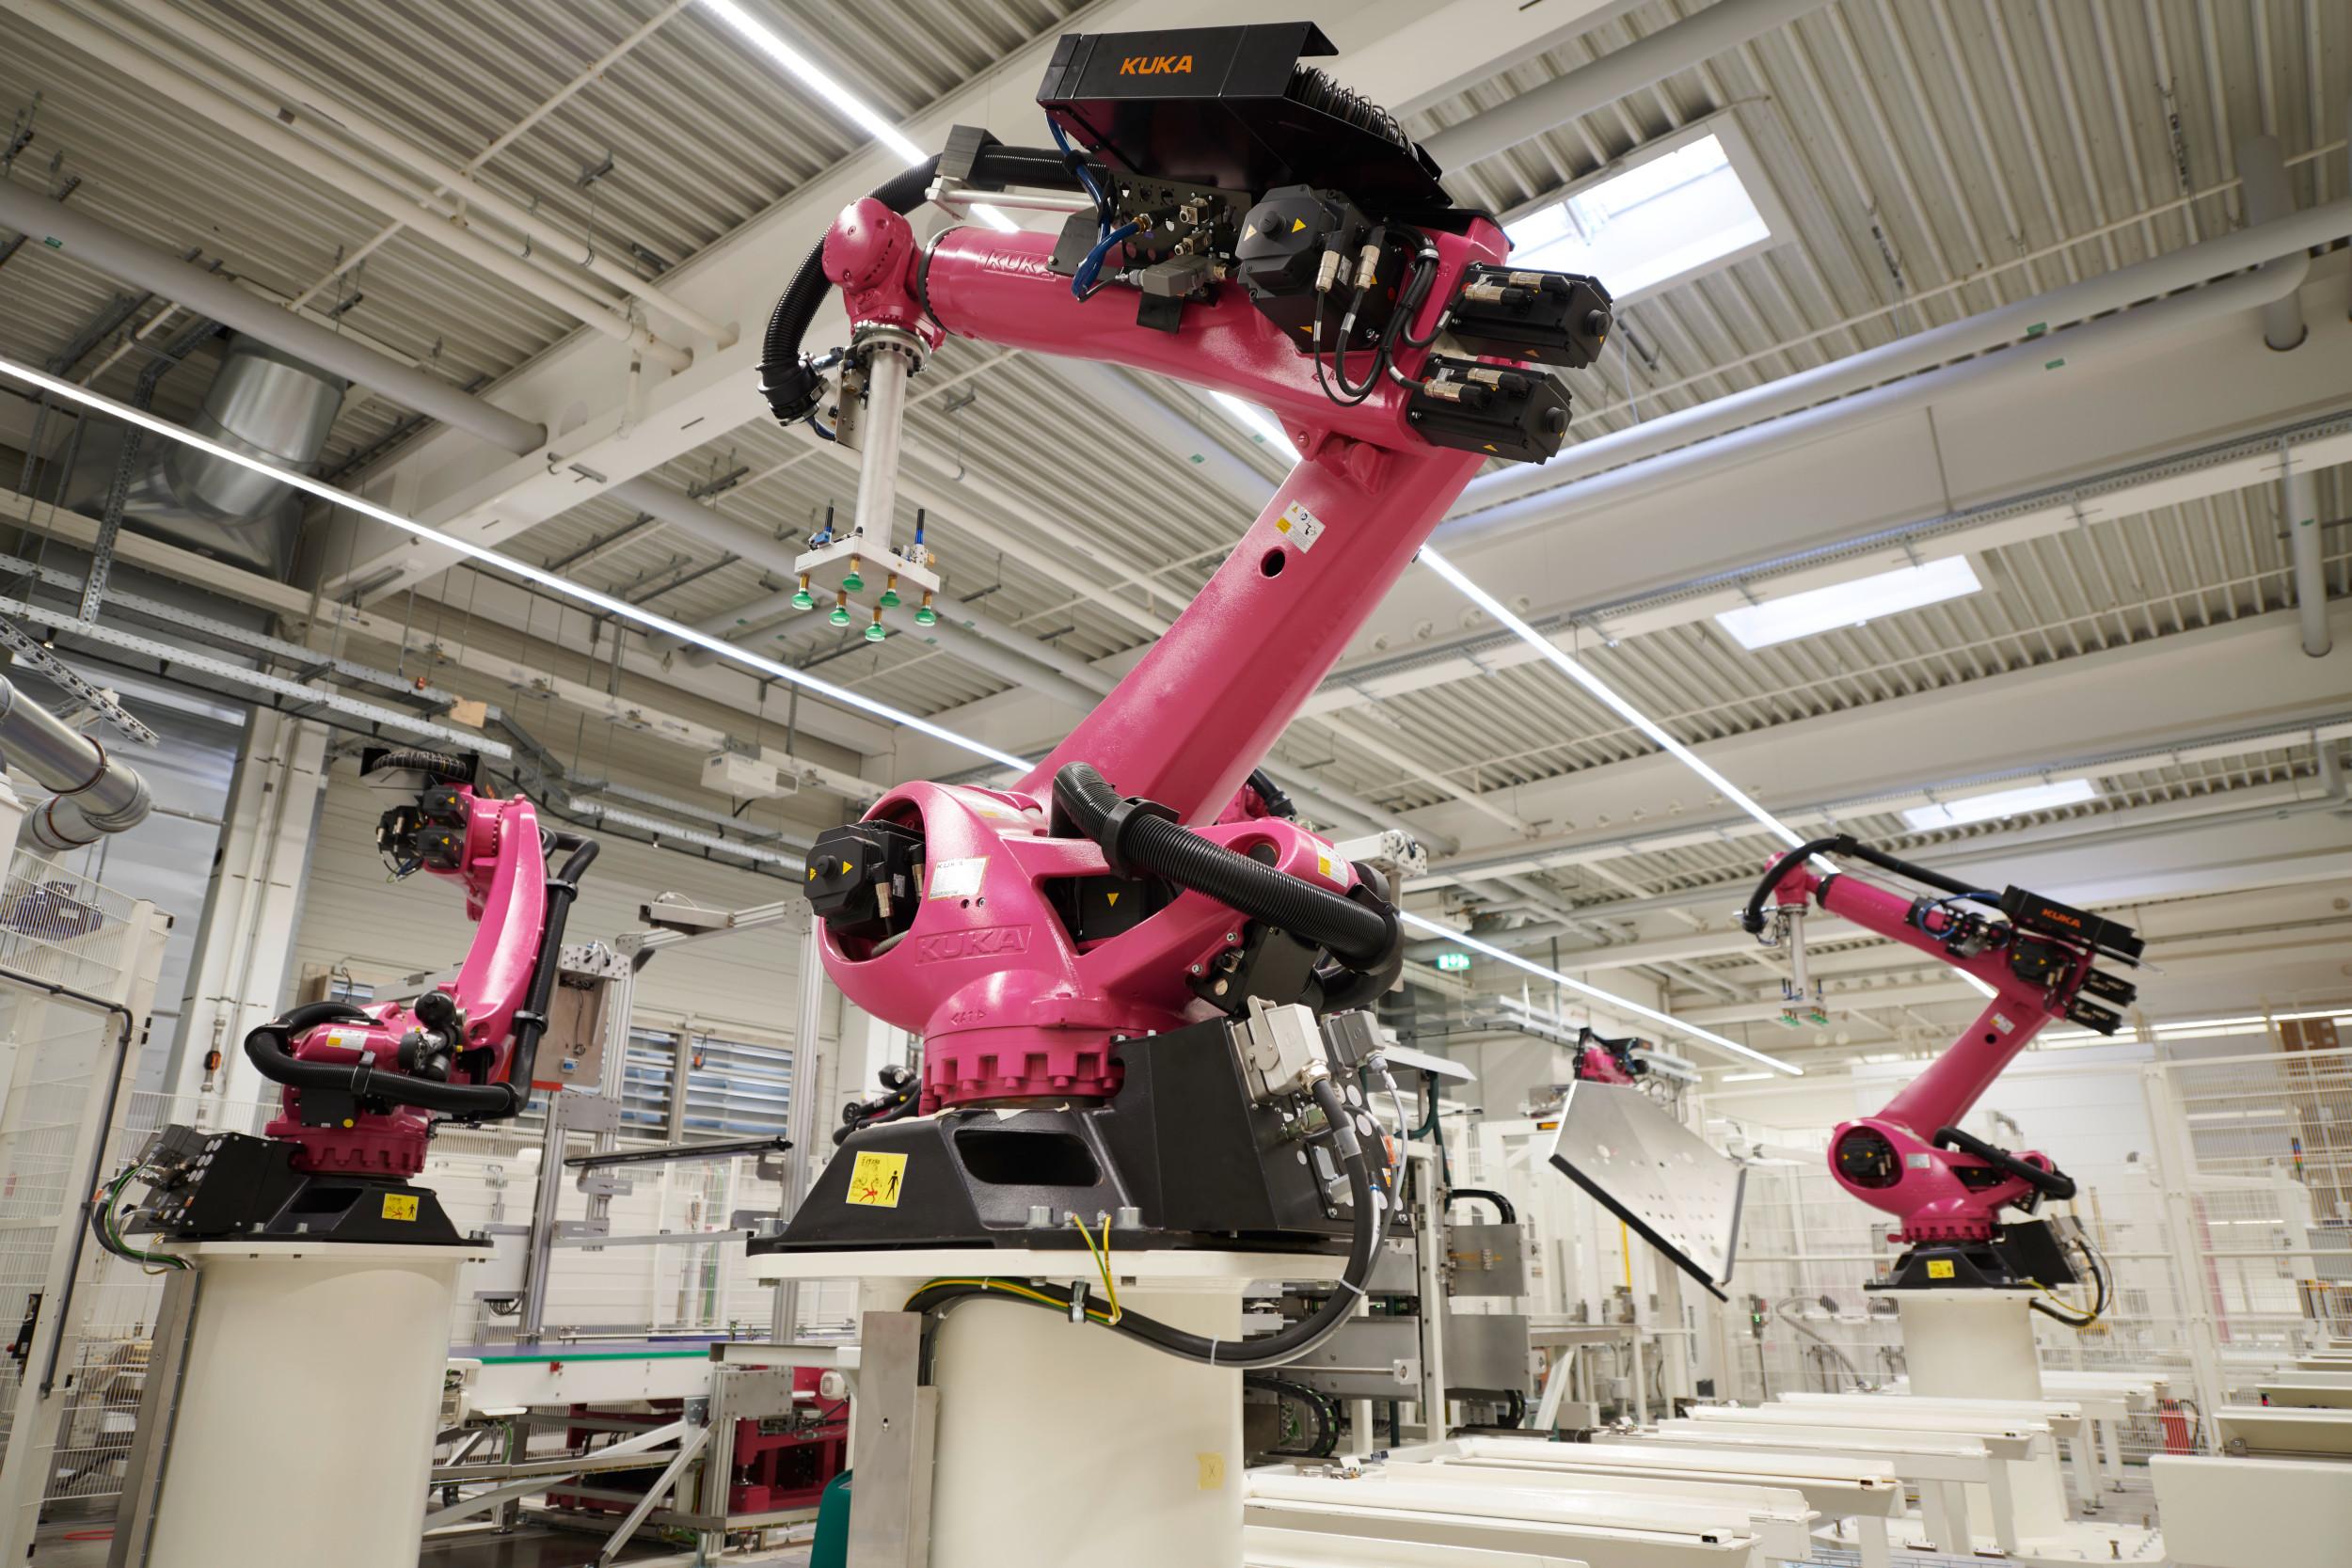 Bereits heute verbinden übergeordnete Leitsysteme Maschinen und Handling-Systeme zu einem Kommunikationsnetzwerk nach den Standards von Industrie 4.0. Bild: Rittal